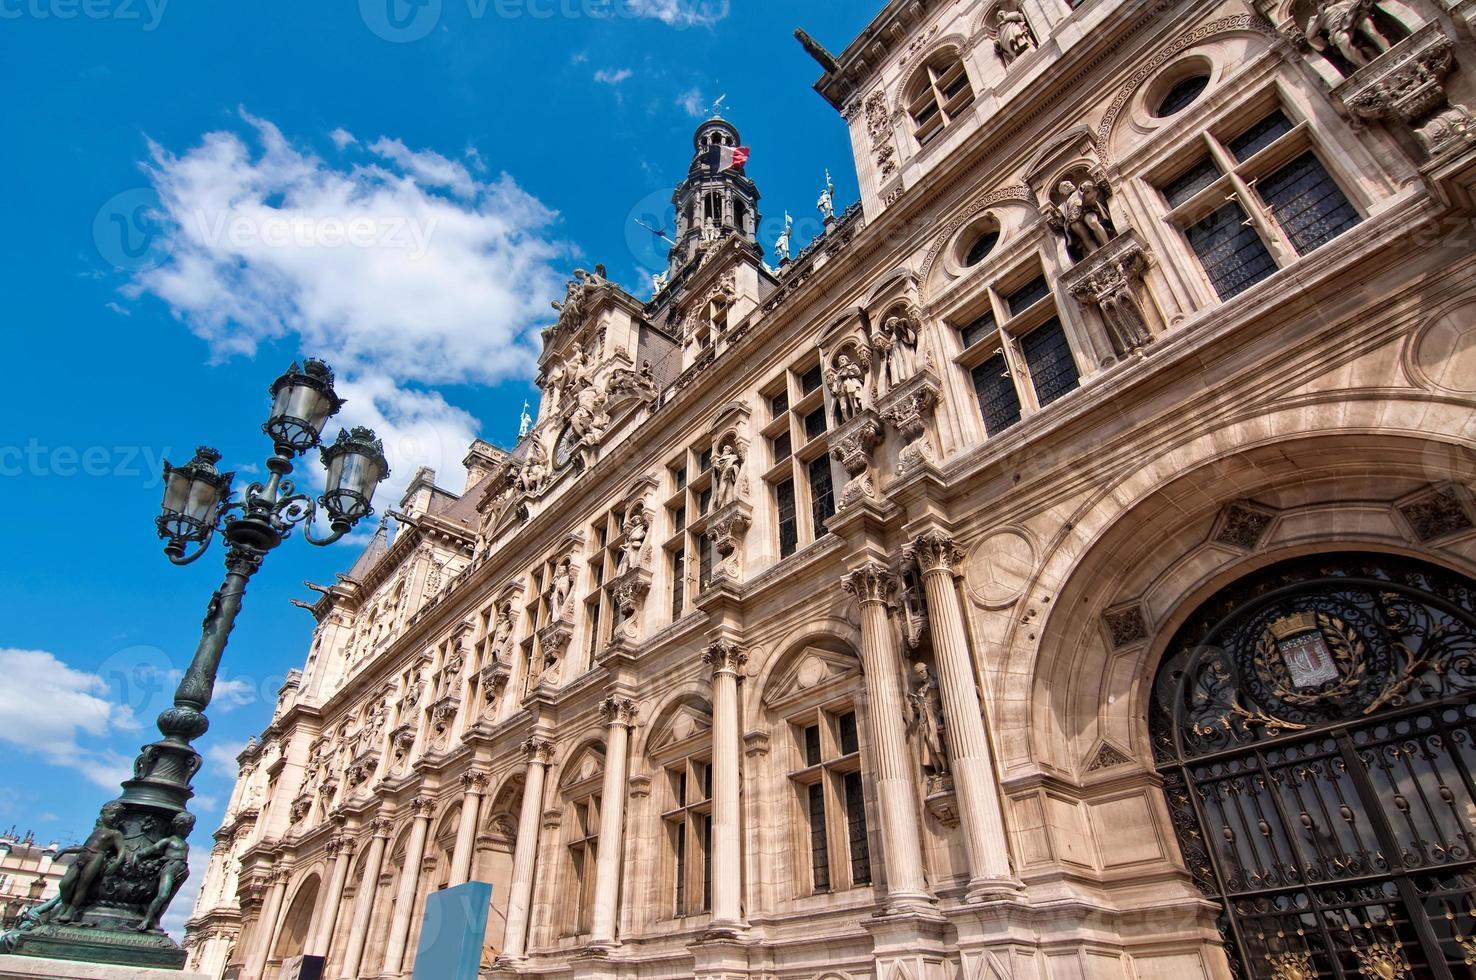 l'hotel de ville (cityhall) de paris, frança foto